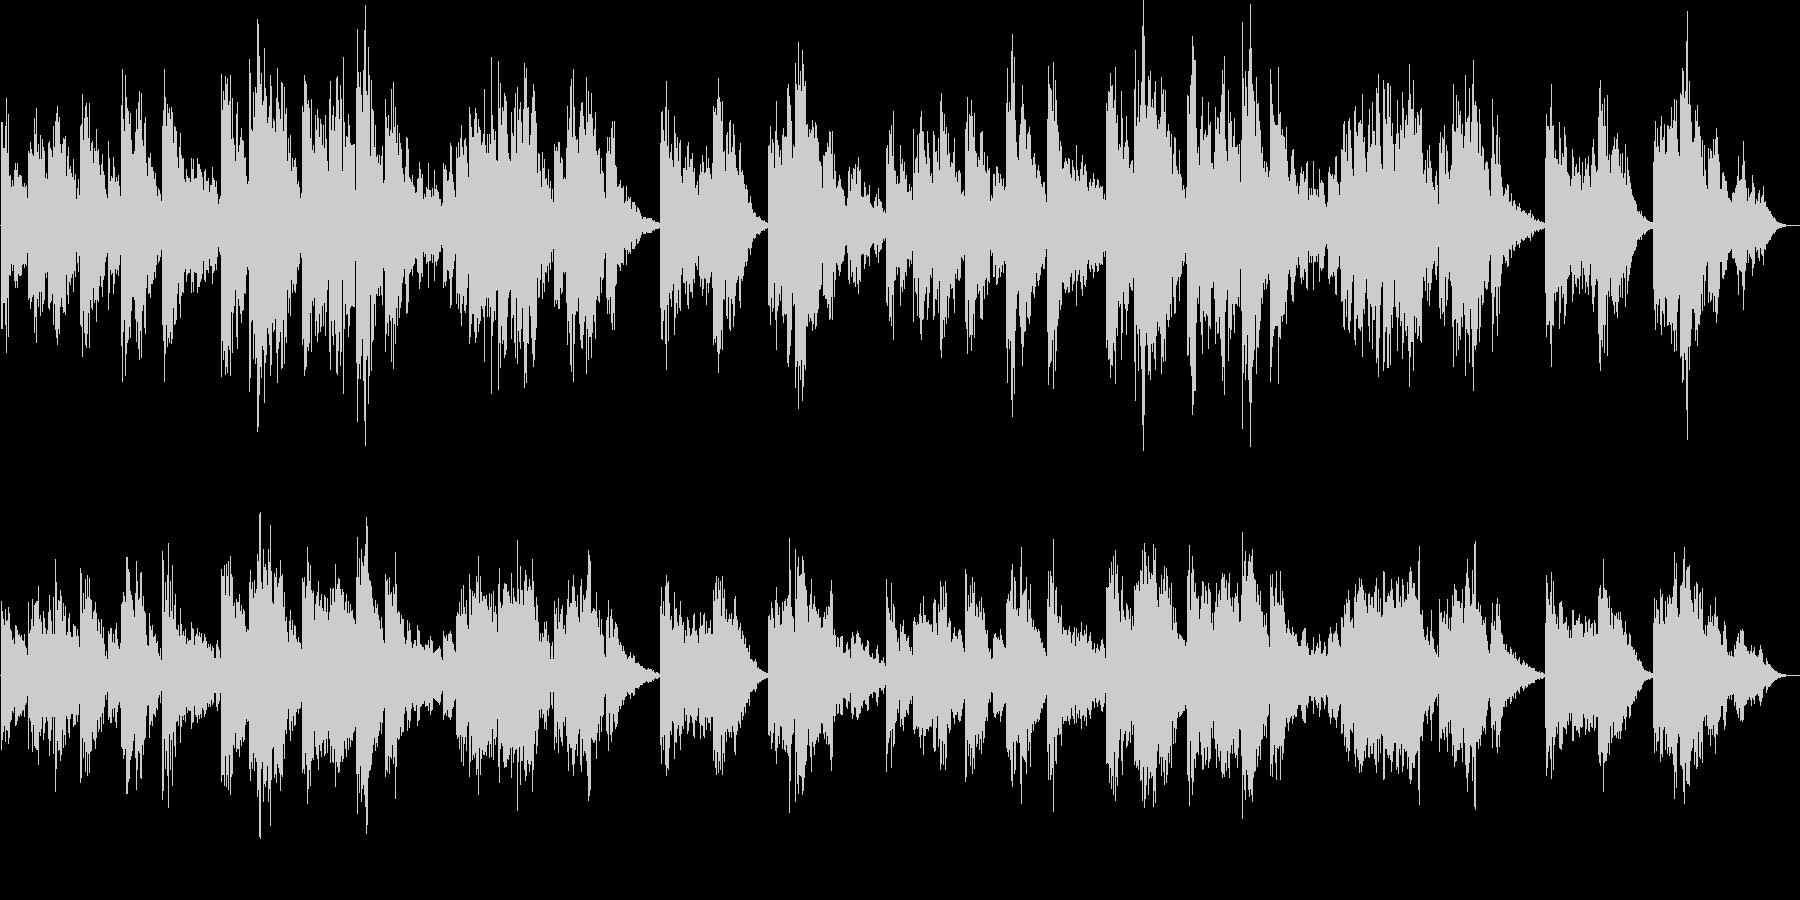 きらきら感のシンセサイザーサウンドの未再生の波形